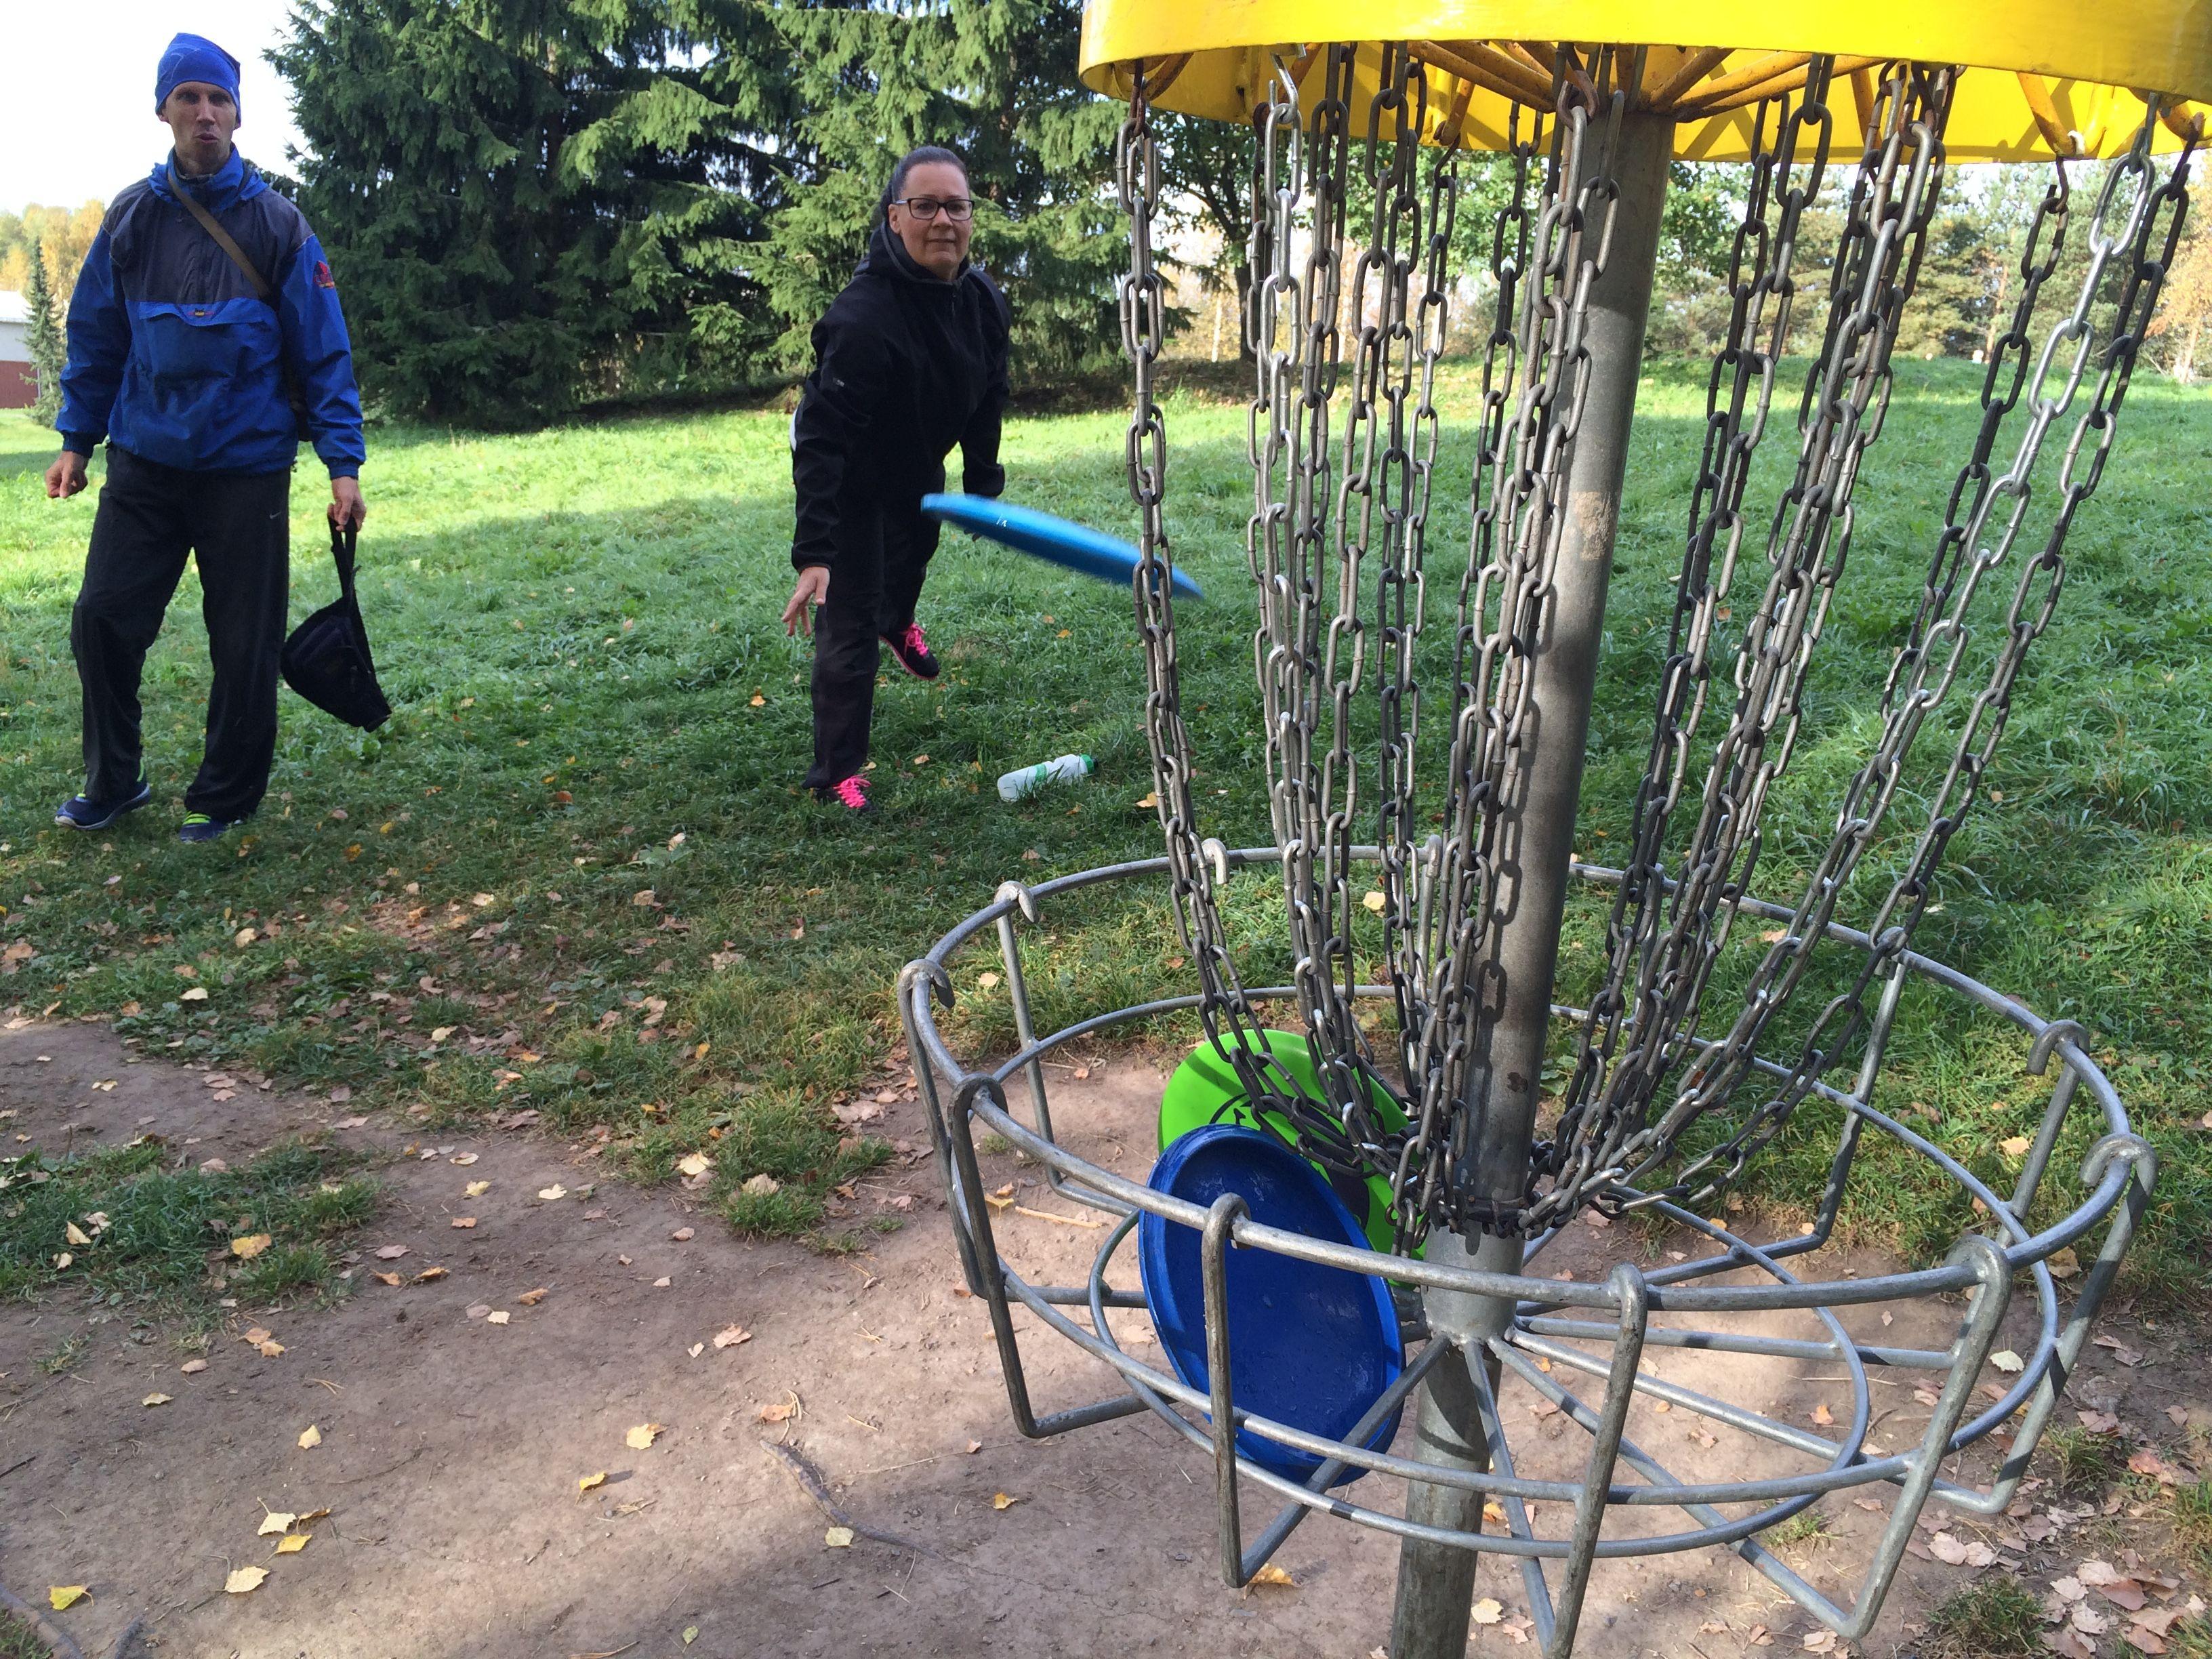 Aina ei tarvitse tehdä töitä. Välillä on hyvä irrotella ja käydä pelaamassa vaikkapa frisbee-golfia :) #matrocks